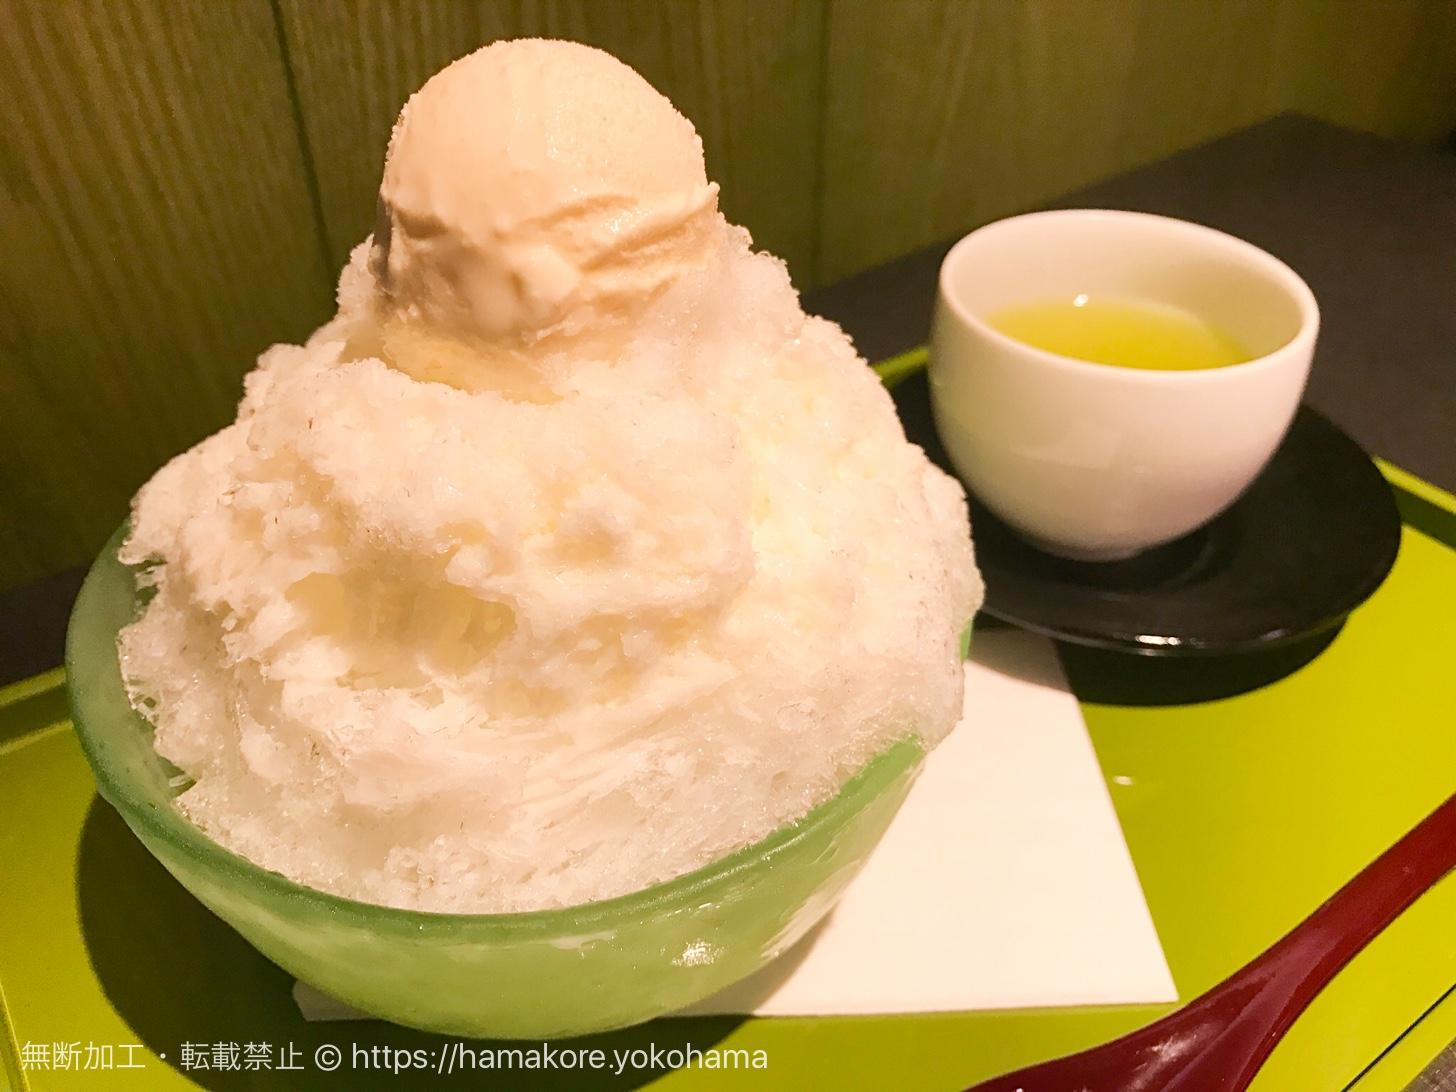 横浜高島屋「清月堂」のかき氷・氷ミルクが美味しすぎ!上も下もミルクたっぷり